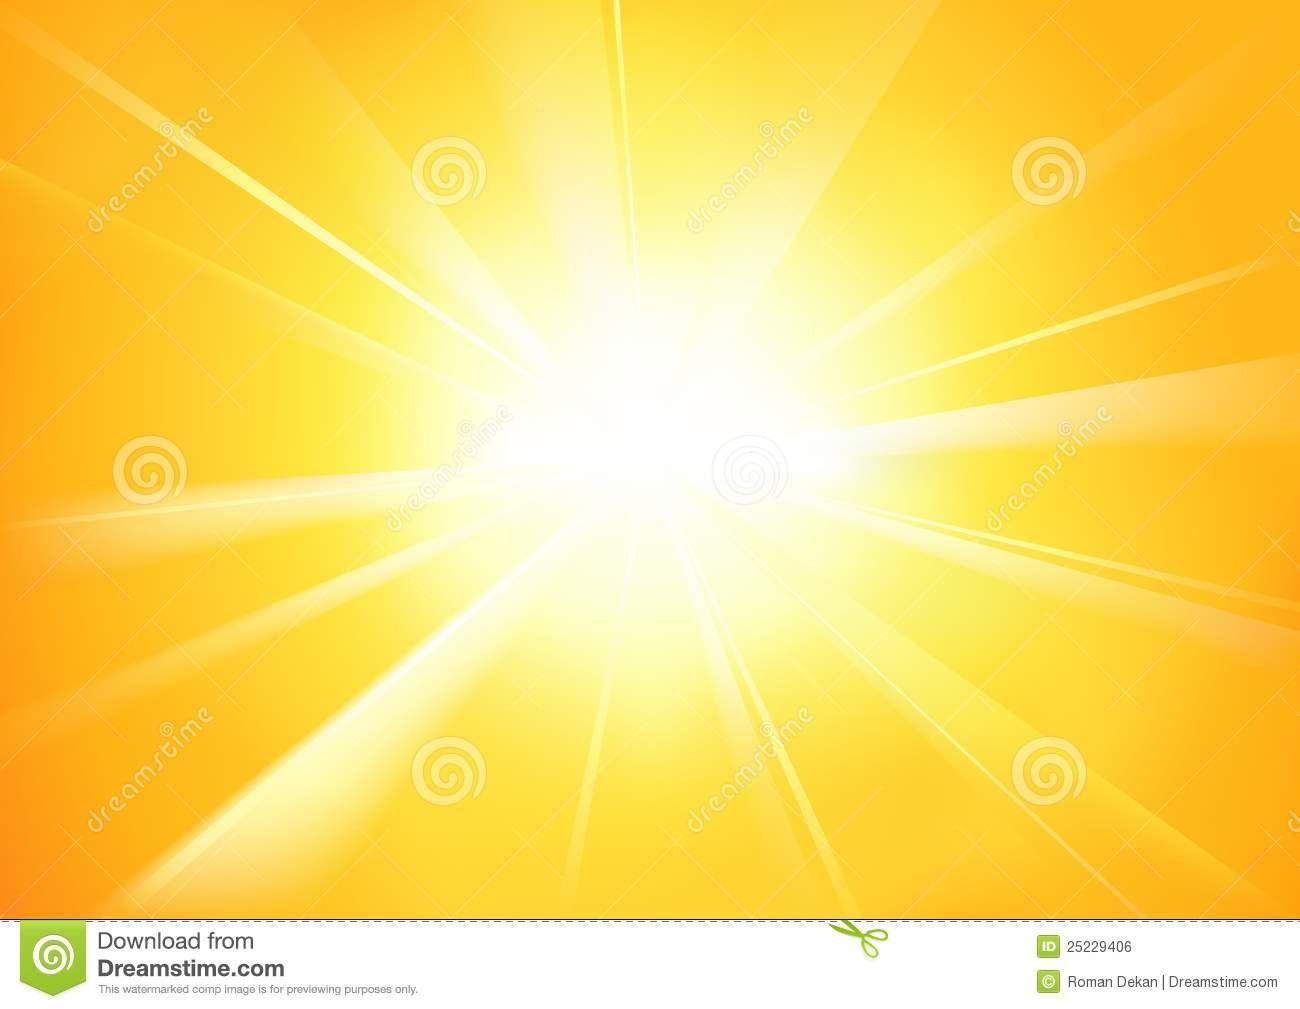 Sunshine - Google Search